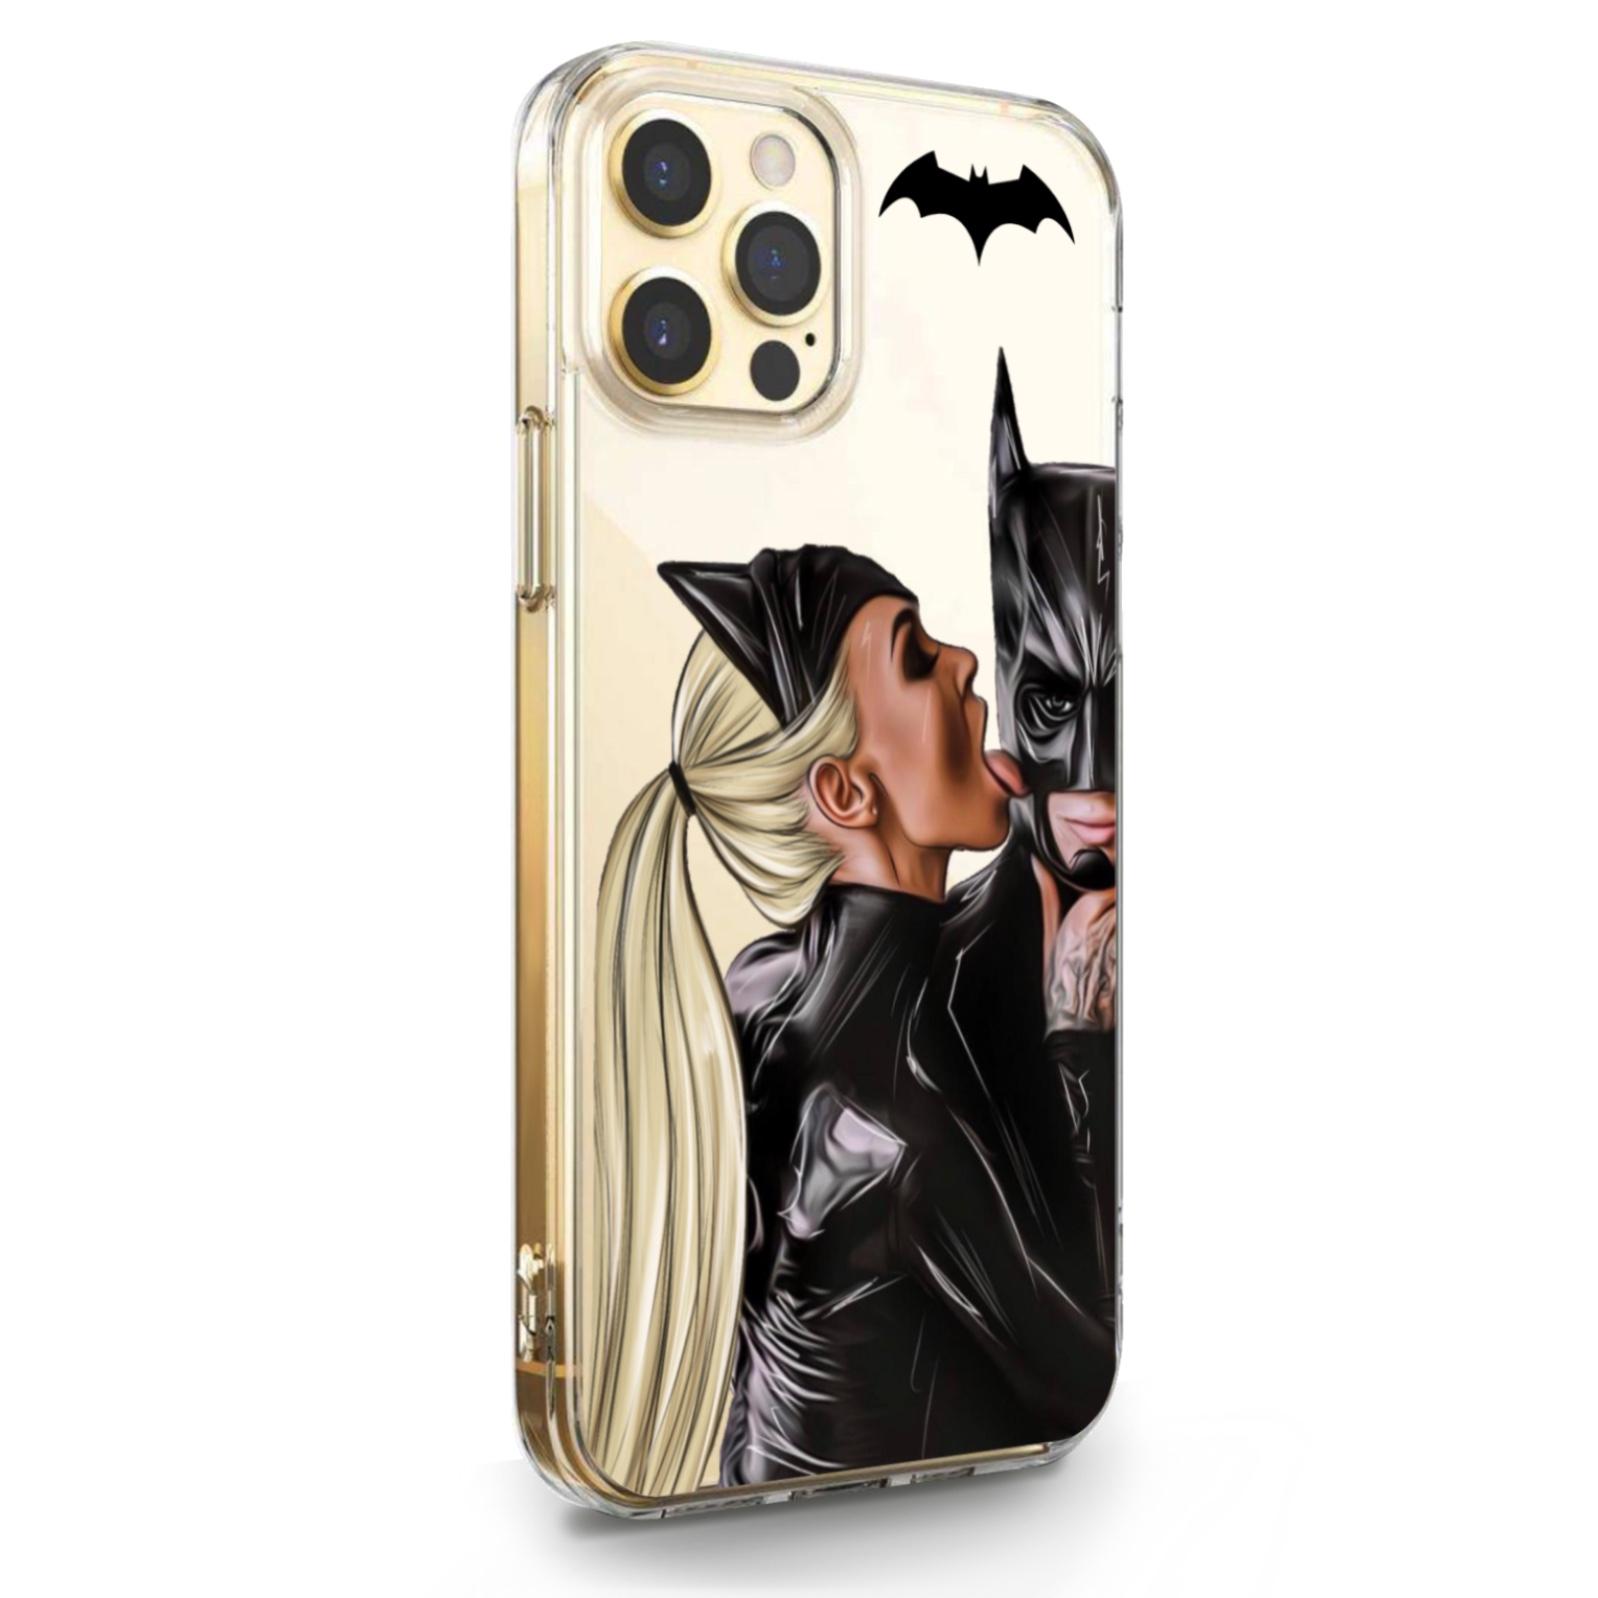 Прозрачный силиконовый чехол для iPhone 12/12 Pro Cat Woman/ Женщина кошка Блондинка для Айфон 12/12 Про